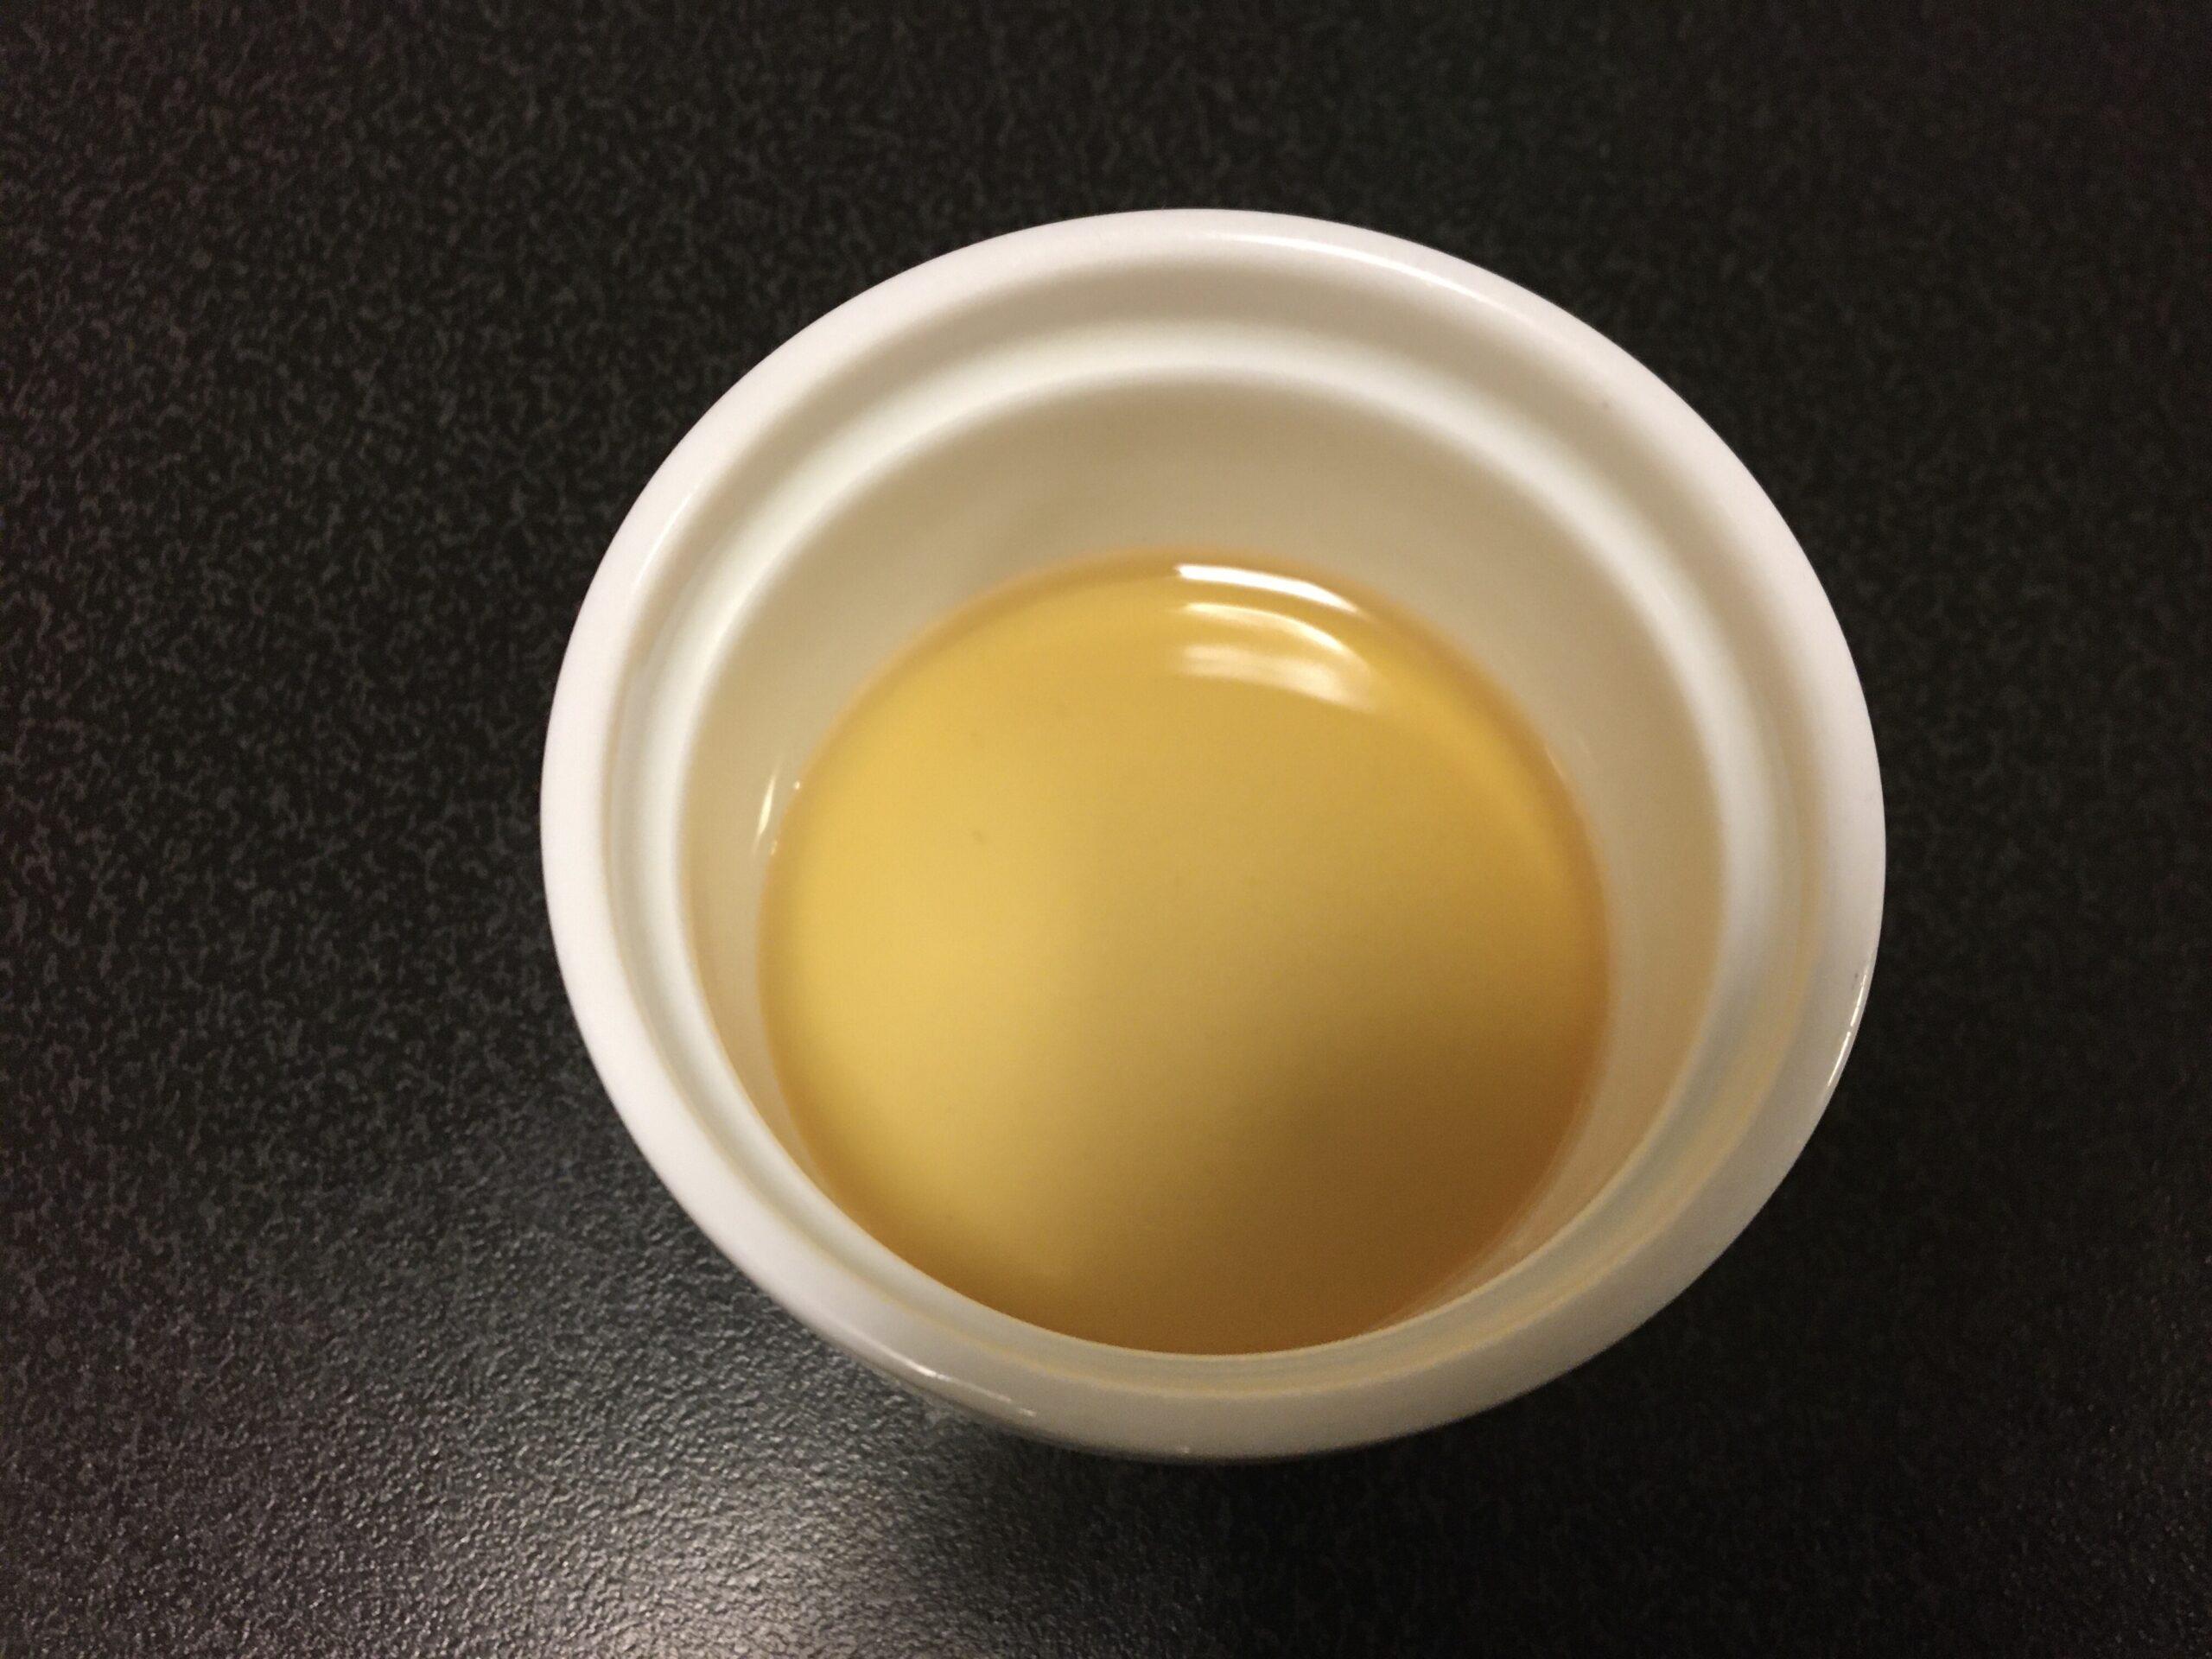 モナンキャラメルシロップの液体の状態をみる画像